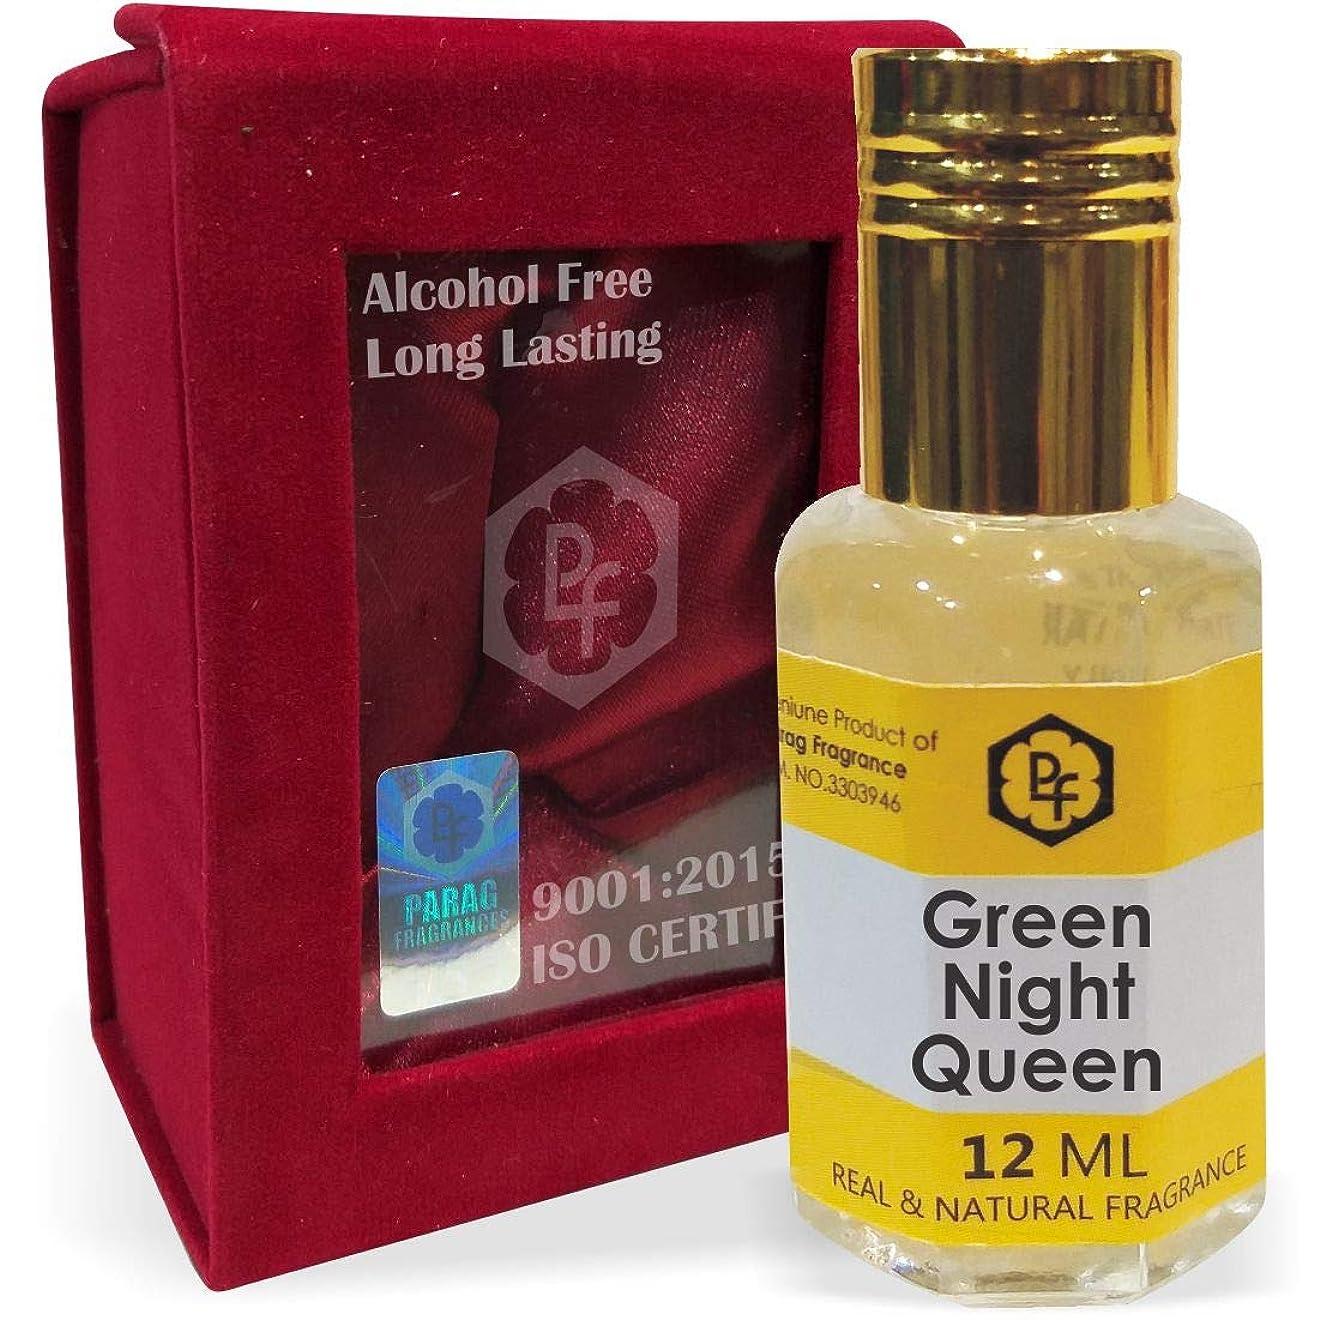 ボリュームモネ診断する手作りのベルベットボックスParagフレグランスグリーン夜の女王12ミリリットルアター/香油/(インドの伝統的なBhapka処理方法により、インド製)フレグランスオイル|アターITRA最高の品質長持ち